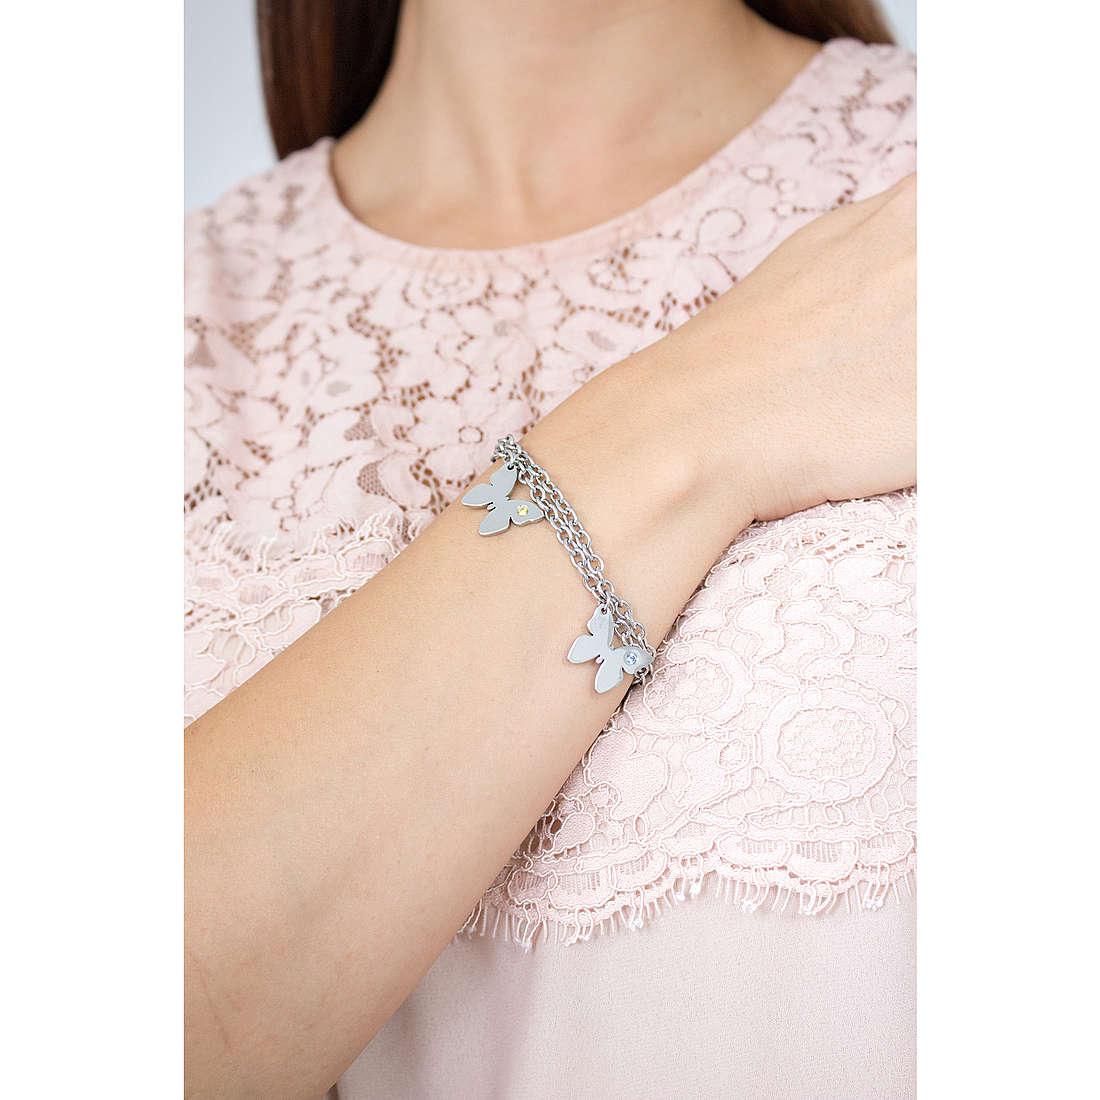 Nomination bracelets Butterfly woman 021316/016 indosso